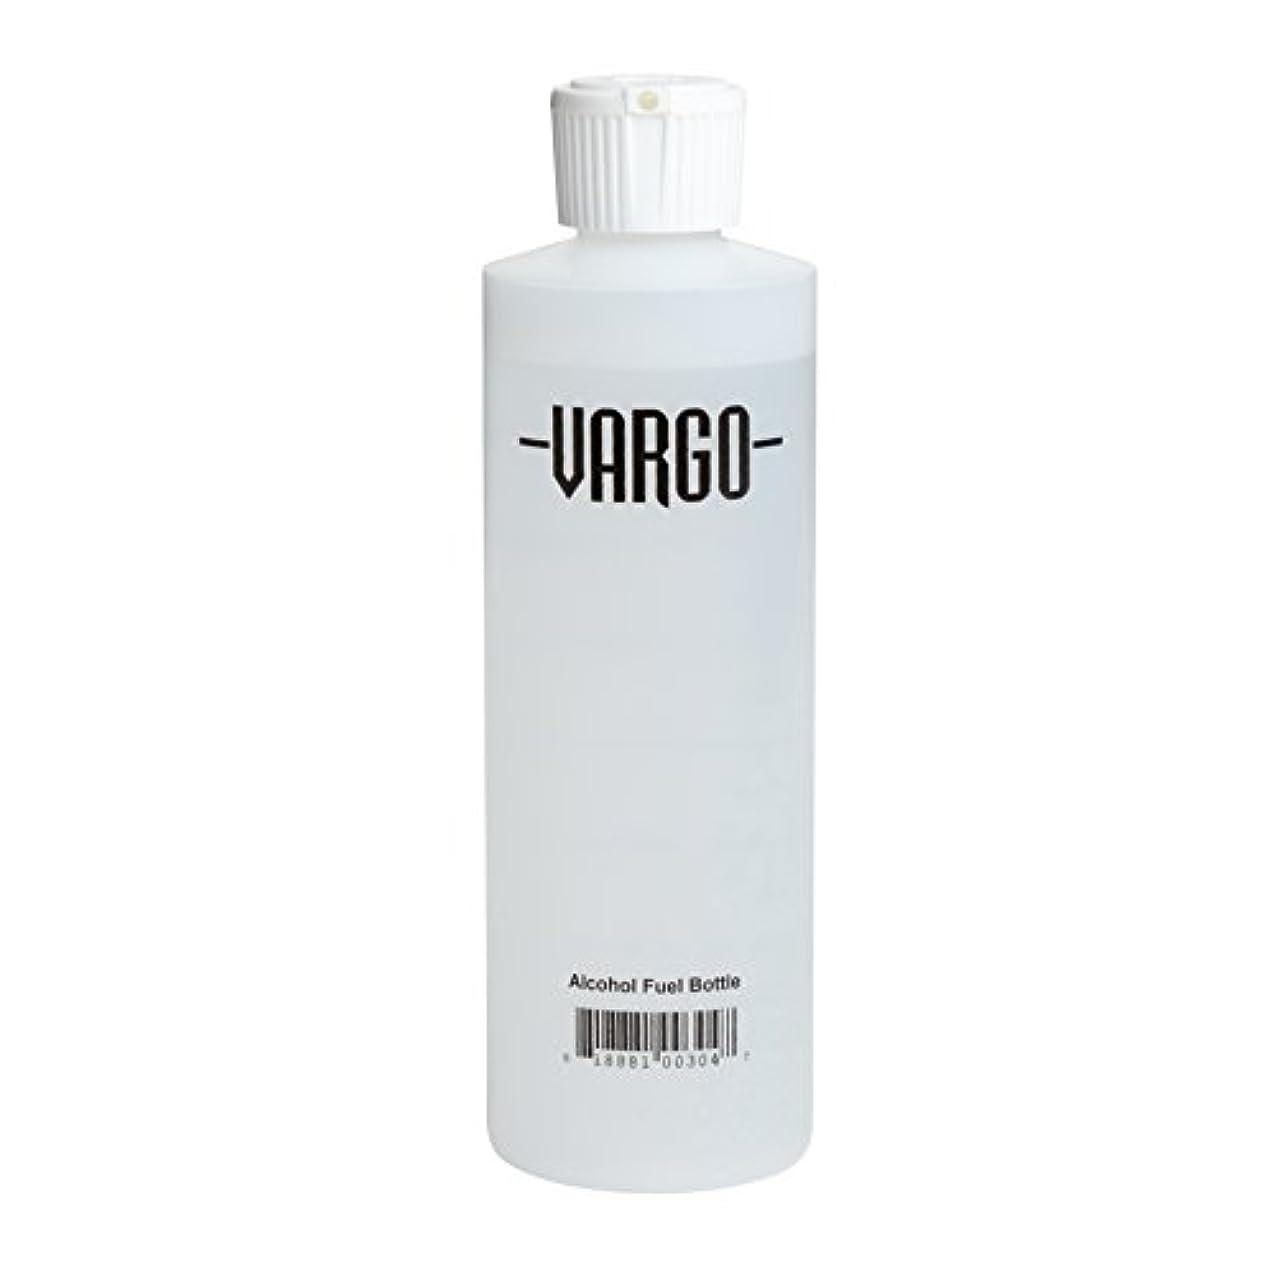 接触応答租界VARGO(バーゴ) アルコールフューエルボトル 240ml 燃料容器 ストーブ用アクセサリ キャンプ用品